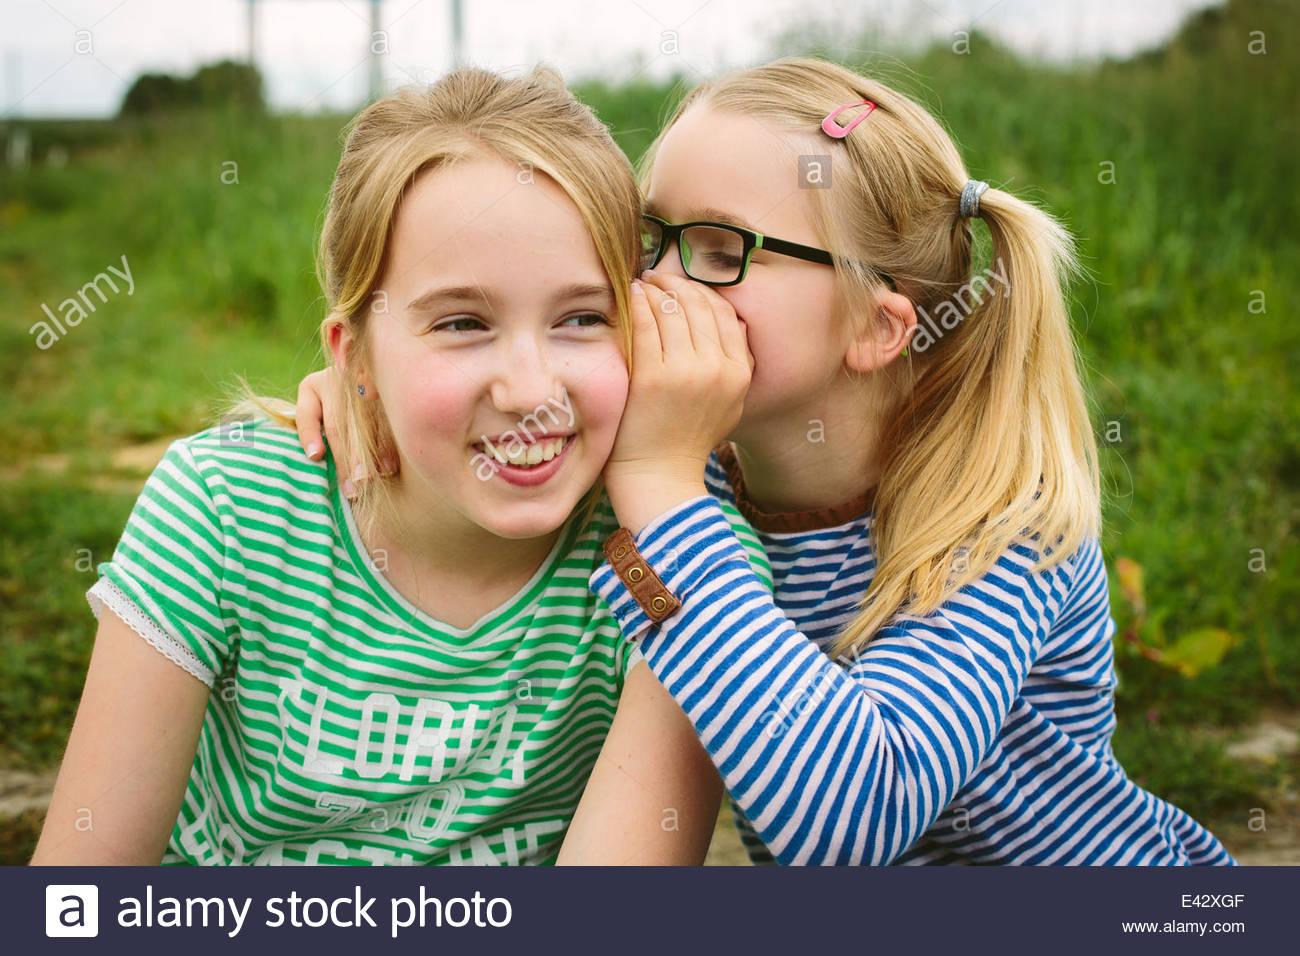 9 anno vecchia ragazza whispering a suor nel campo Immagini Stock